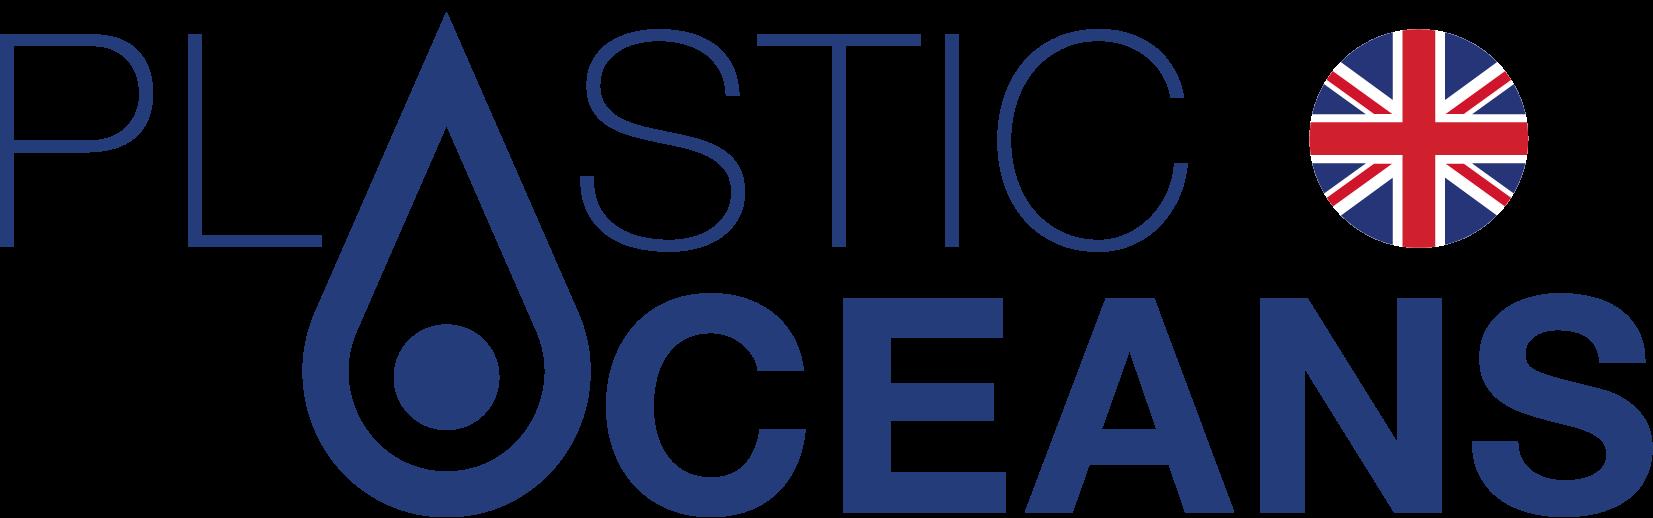 Plastic Oceans UK